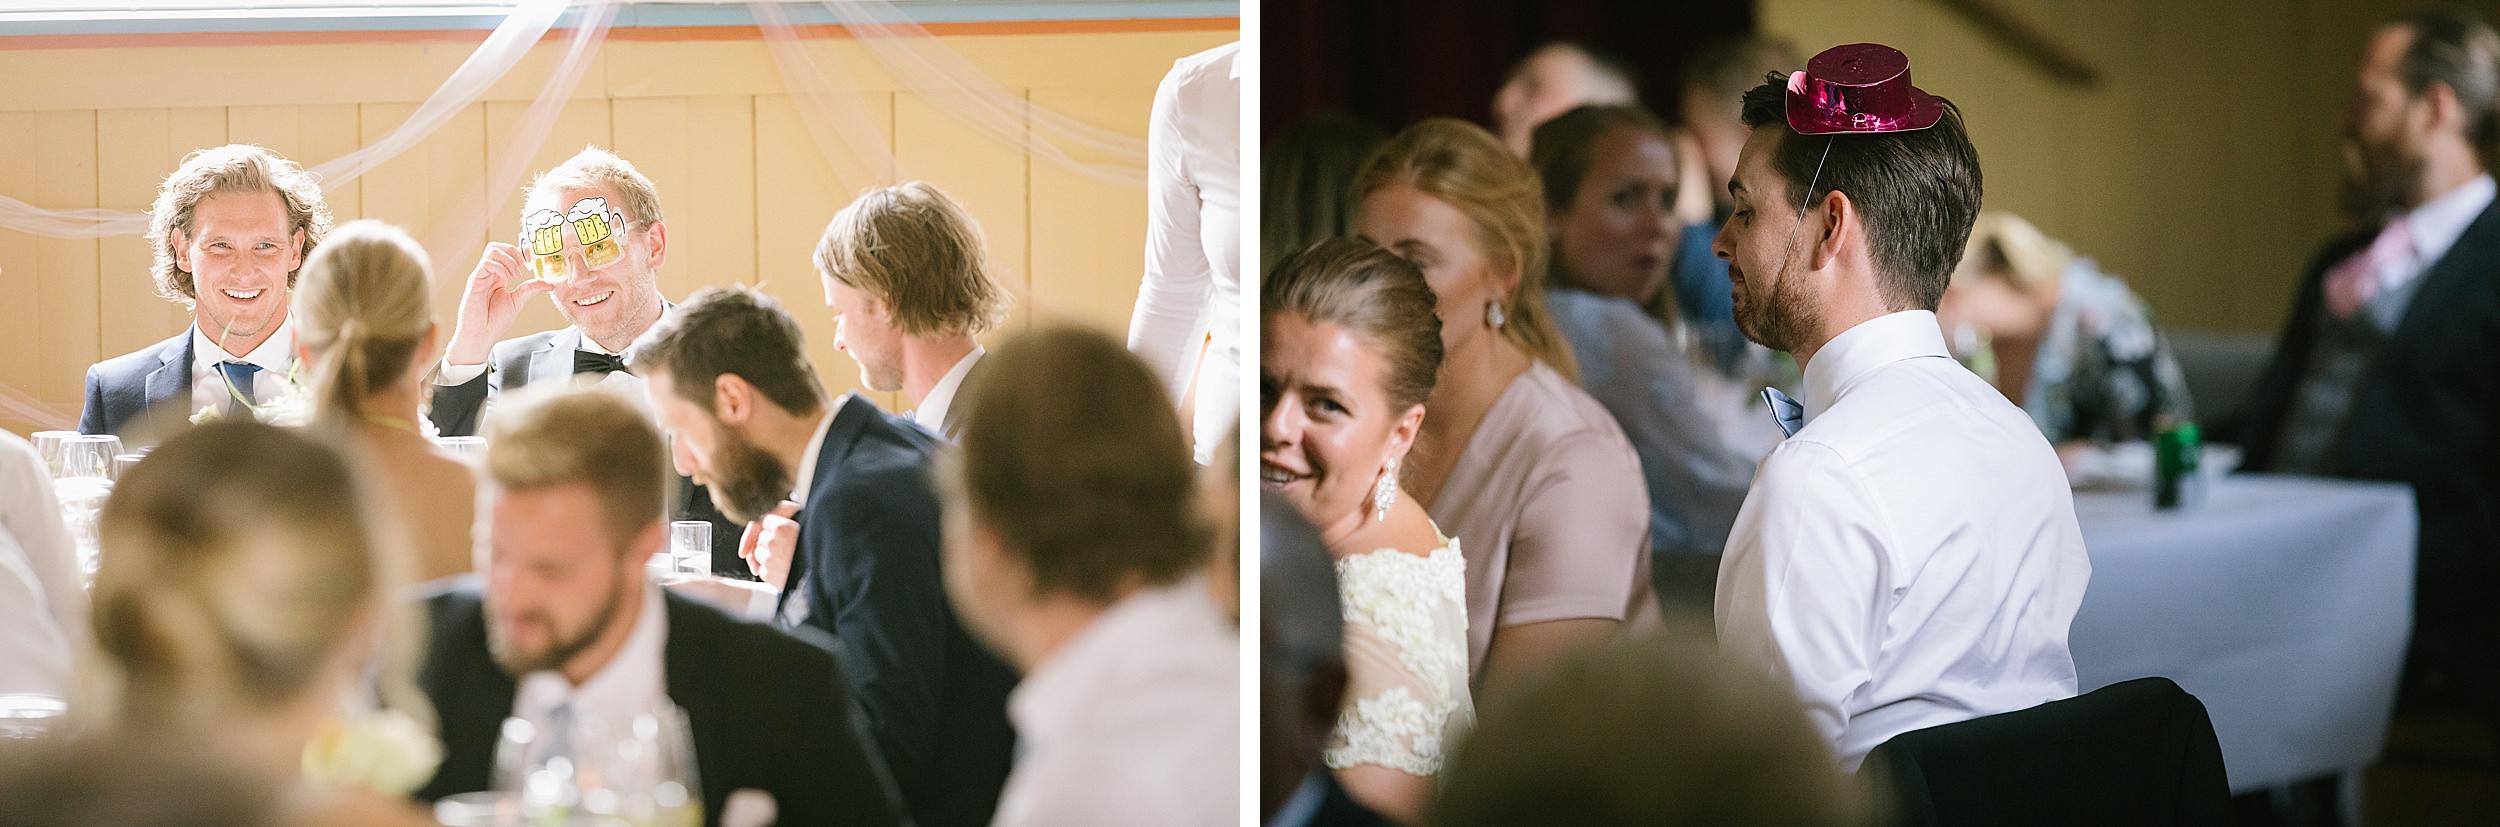 Heldags-bryllupsfoto-june-thomas_0053.jpg